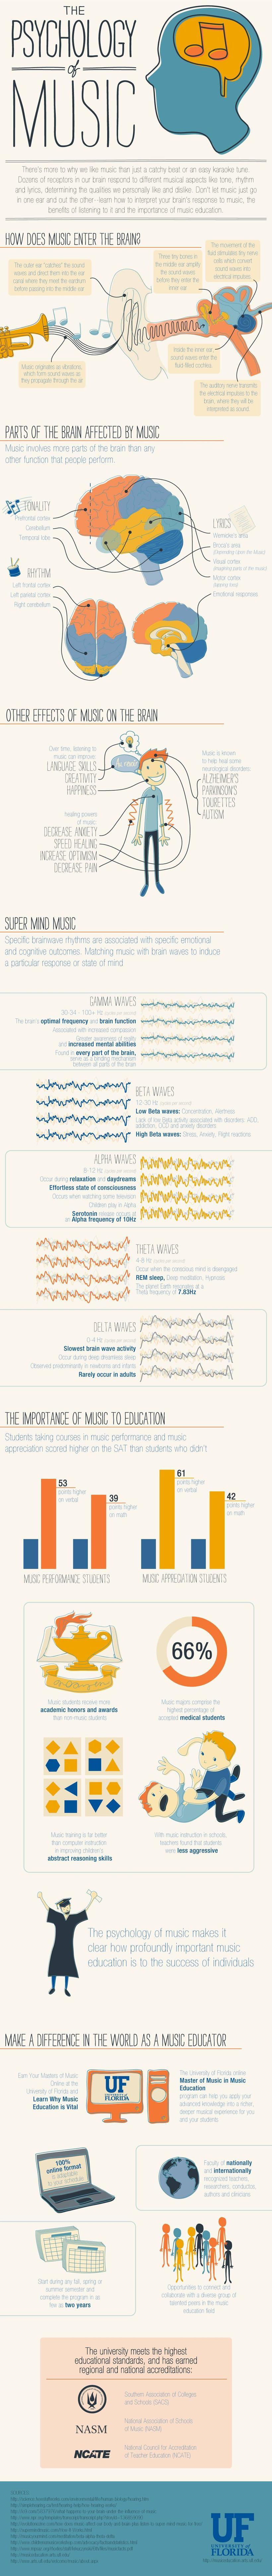 the-psychology-of-music_510e25927e035.jpg